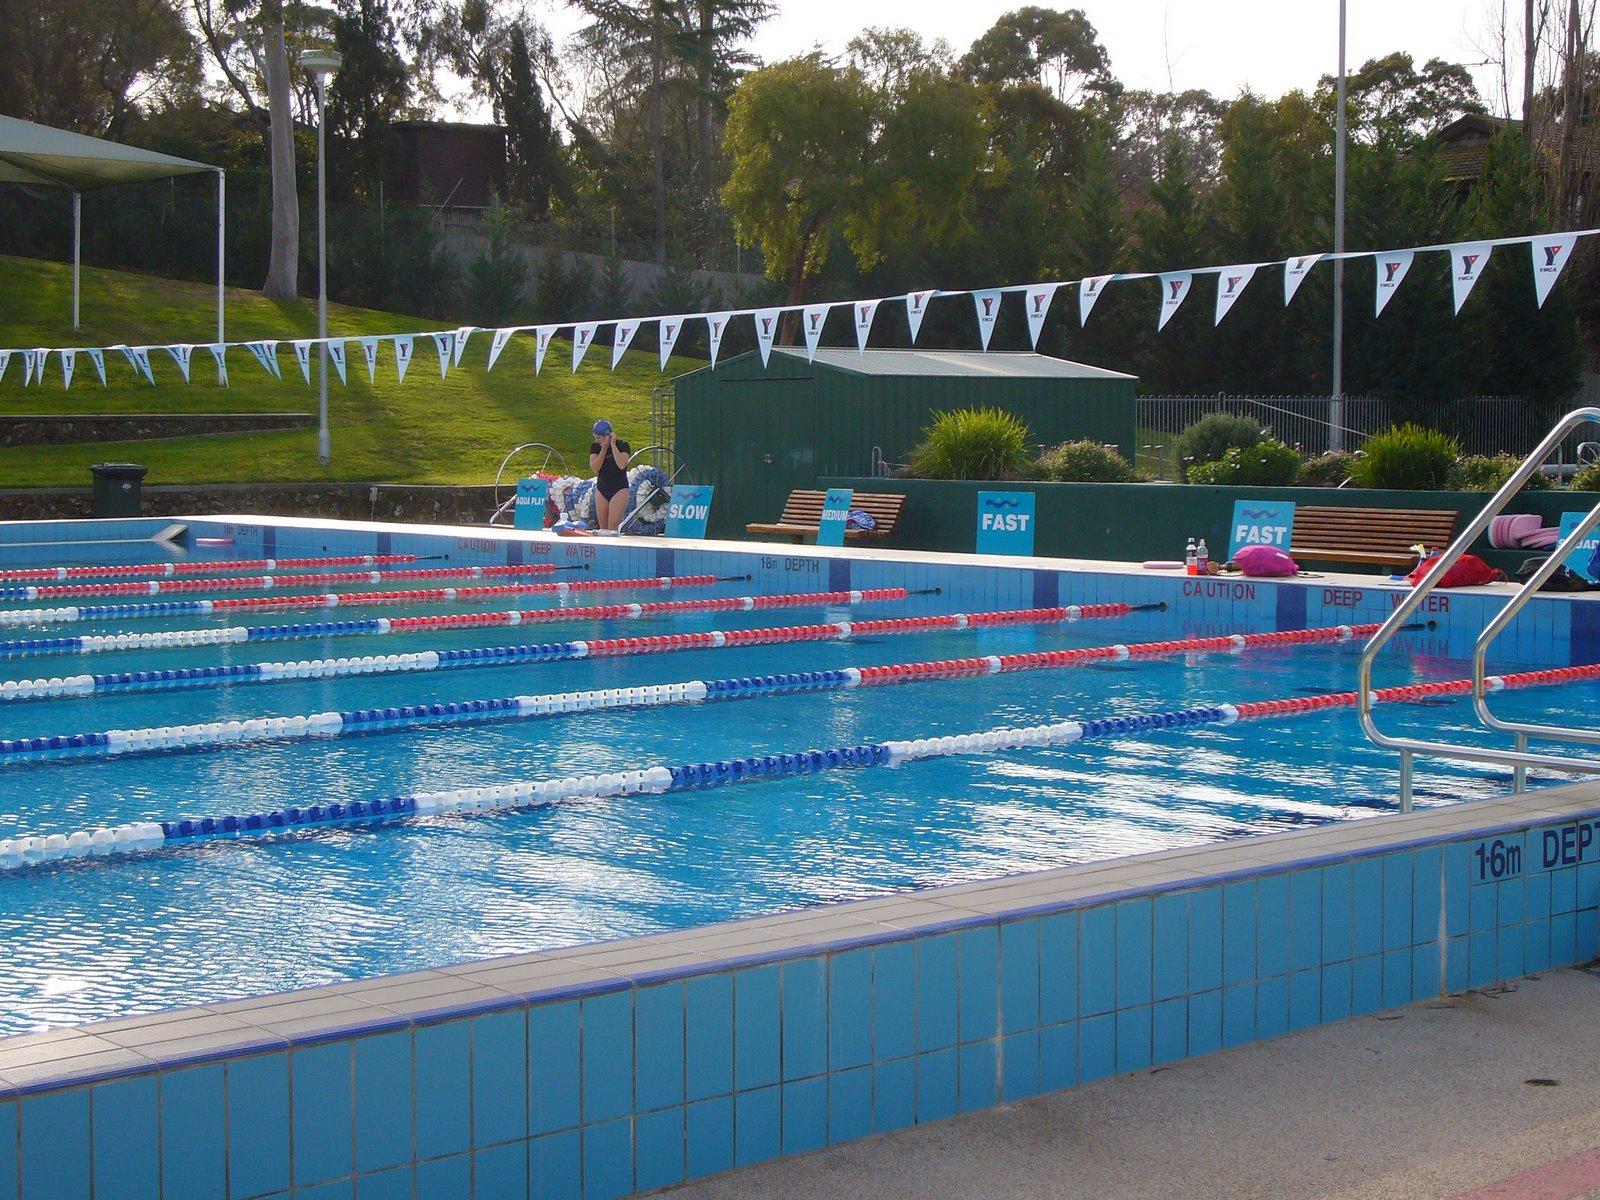 Journey into mystery aujourd 39 hui piscine - Piscine ouverte aujourd hui ...